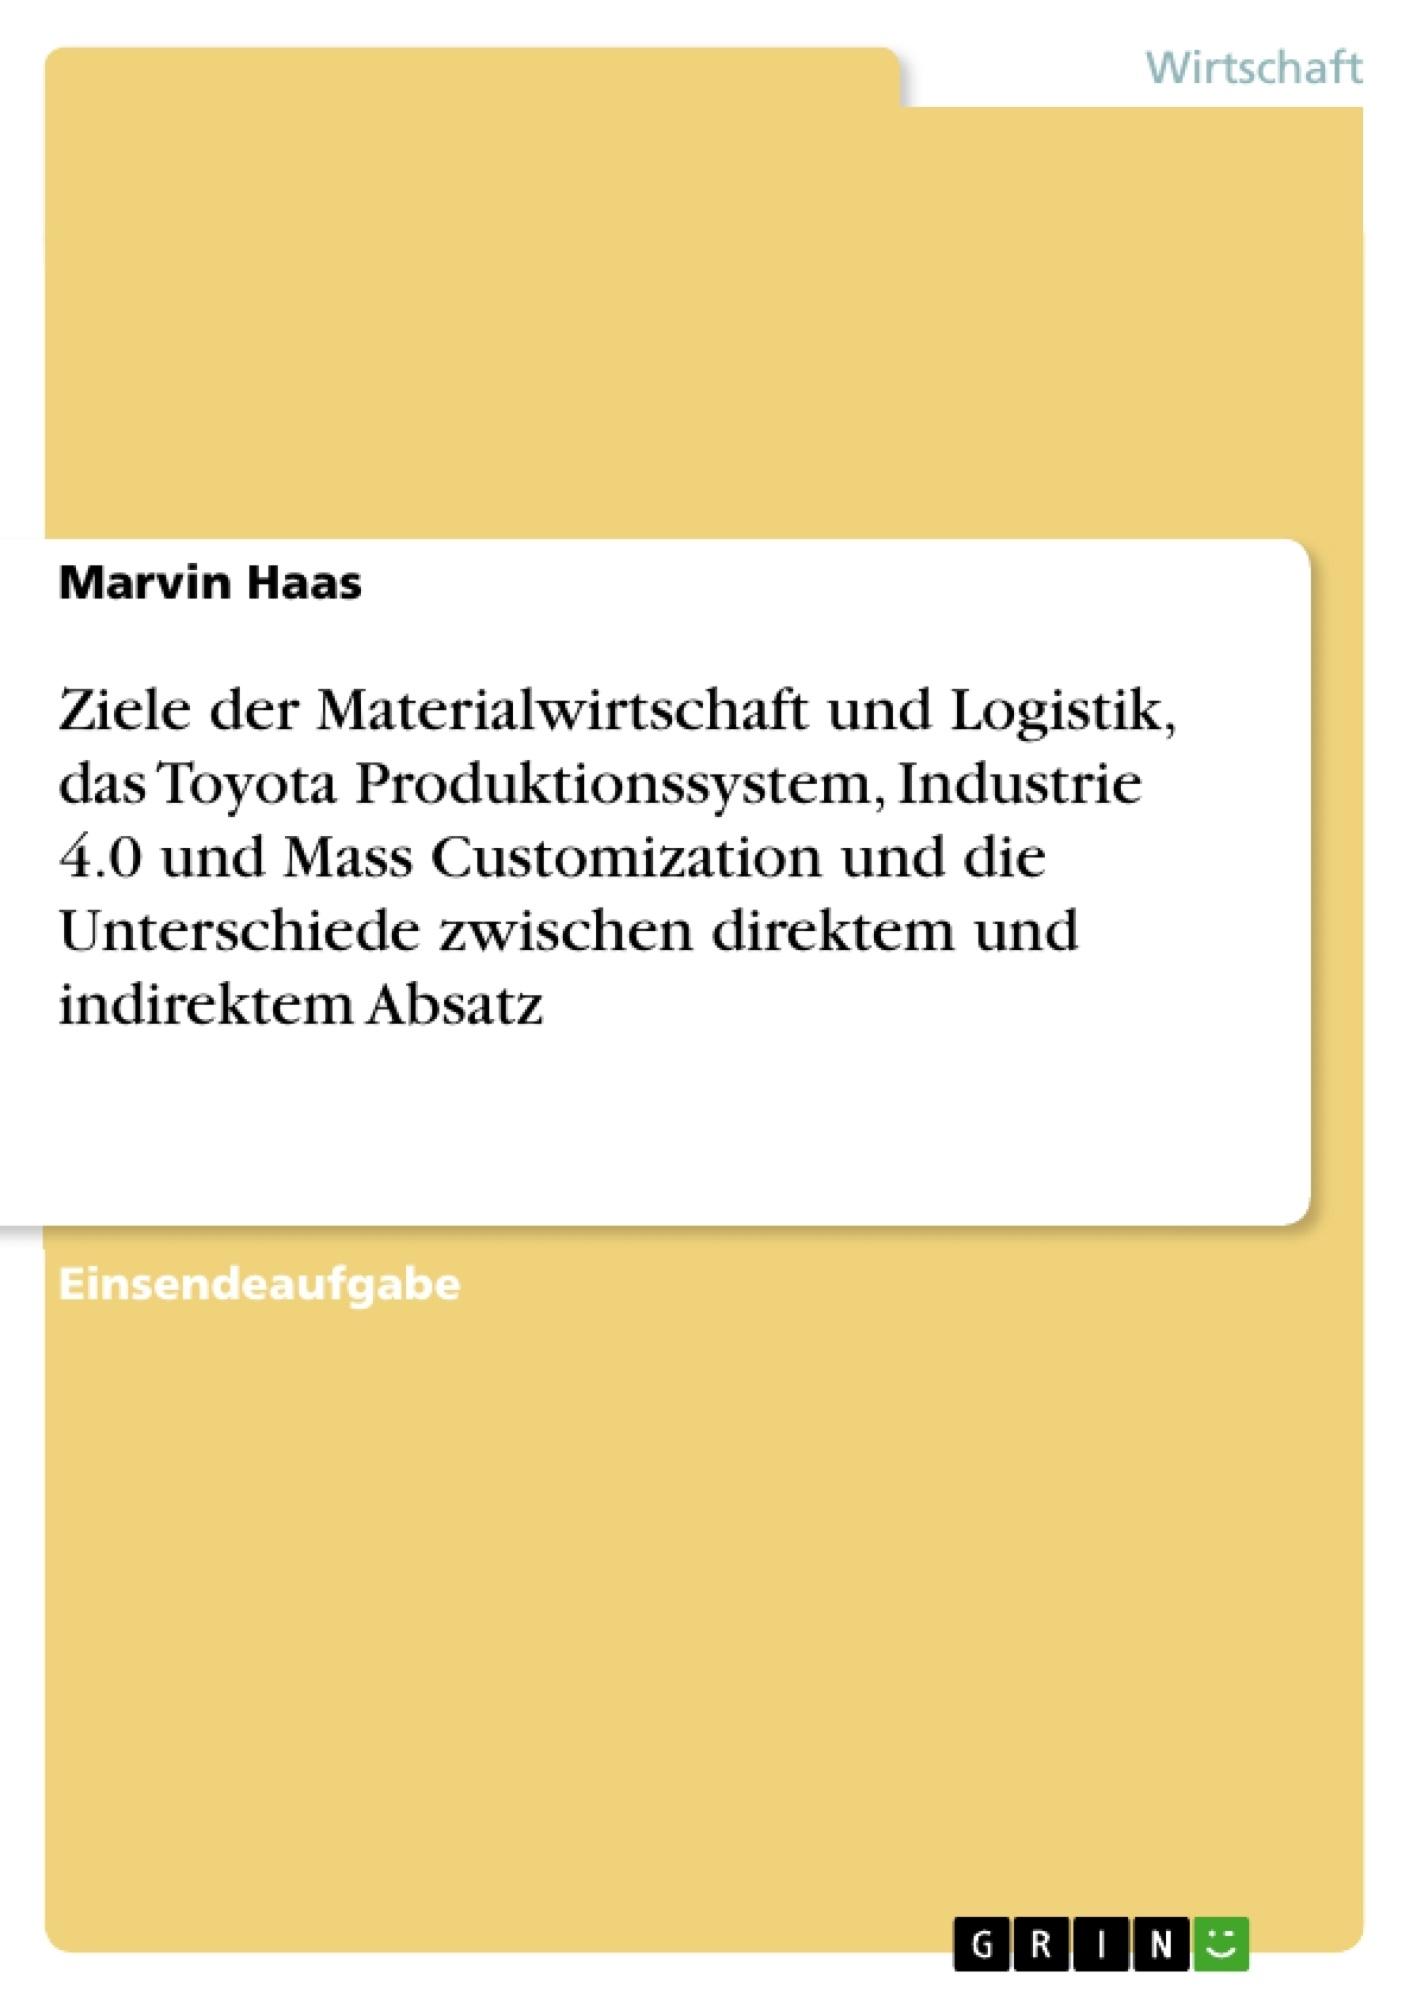 Titel: Ziele der Materialwirtschaft und Logistik, das Toyota Produktionssystem, Industrie 4.0 und Mass Customization und die Unterschiede zwischen direktem und indirektem Absatz